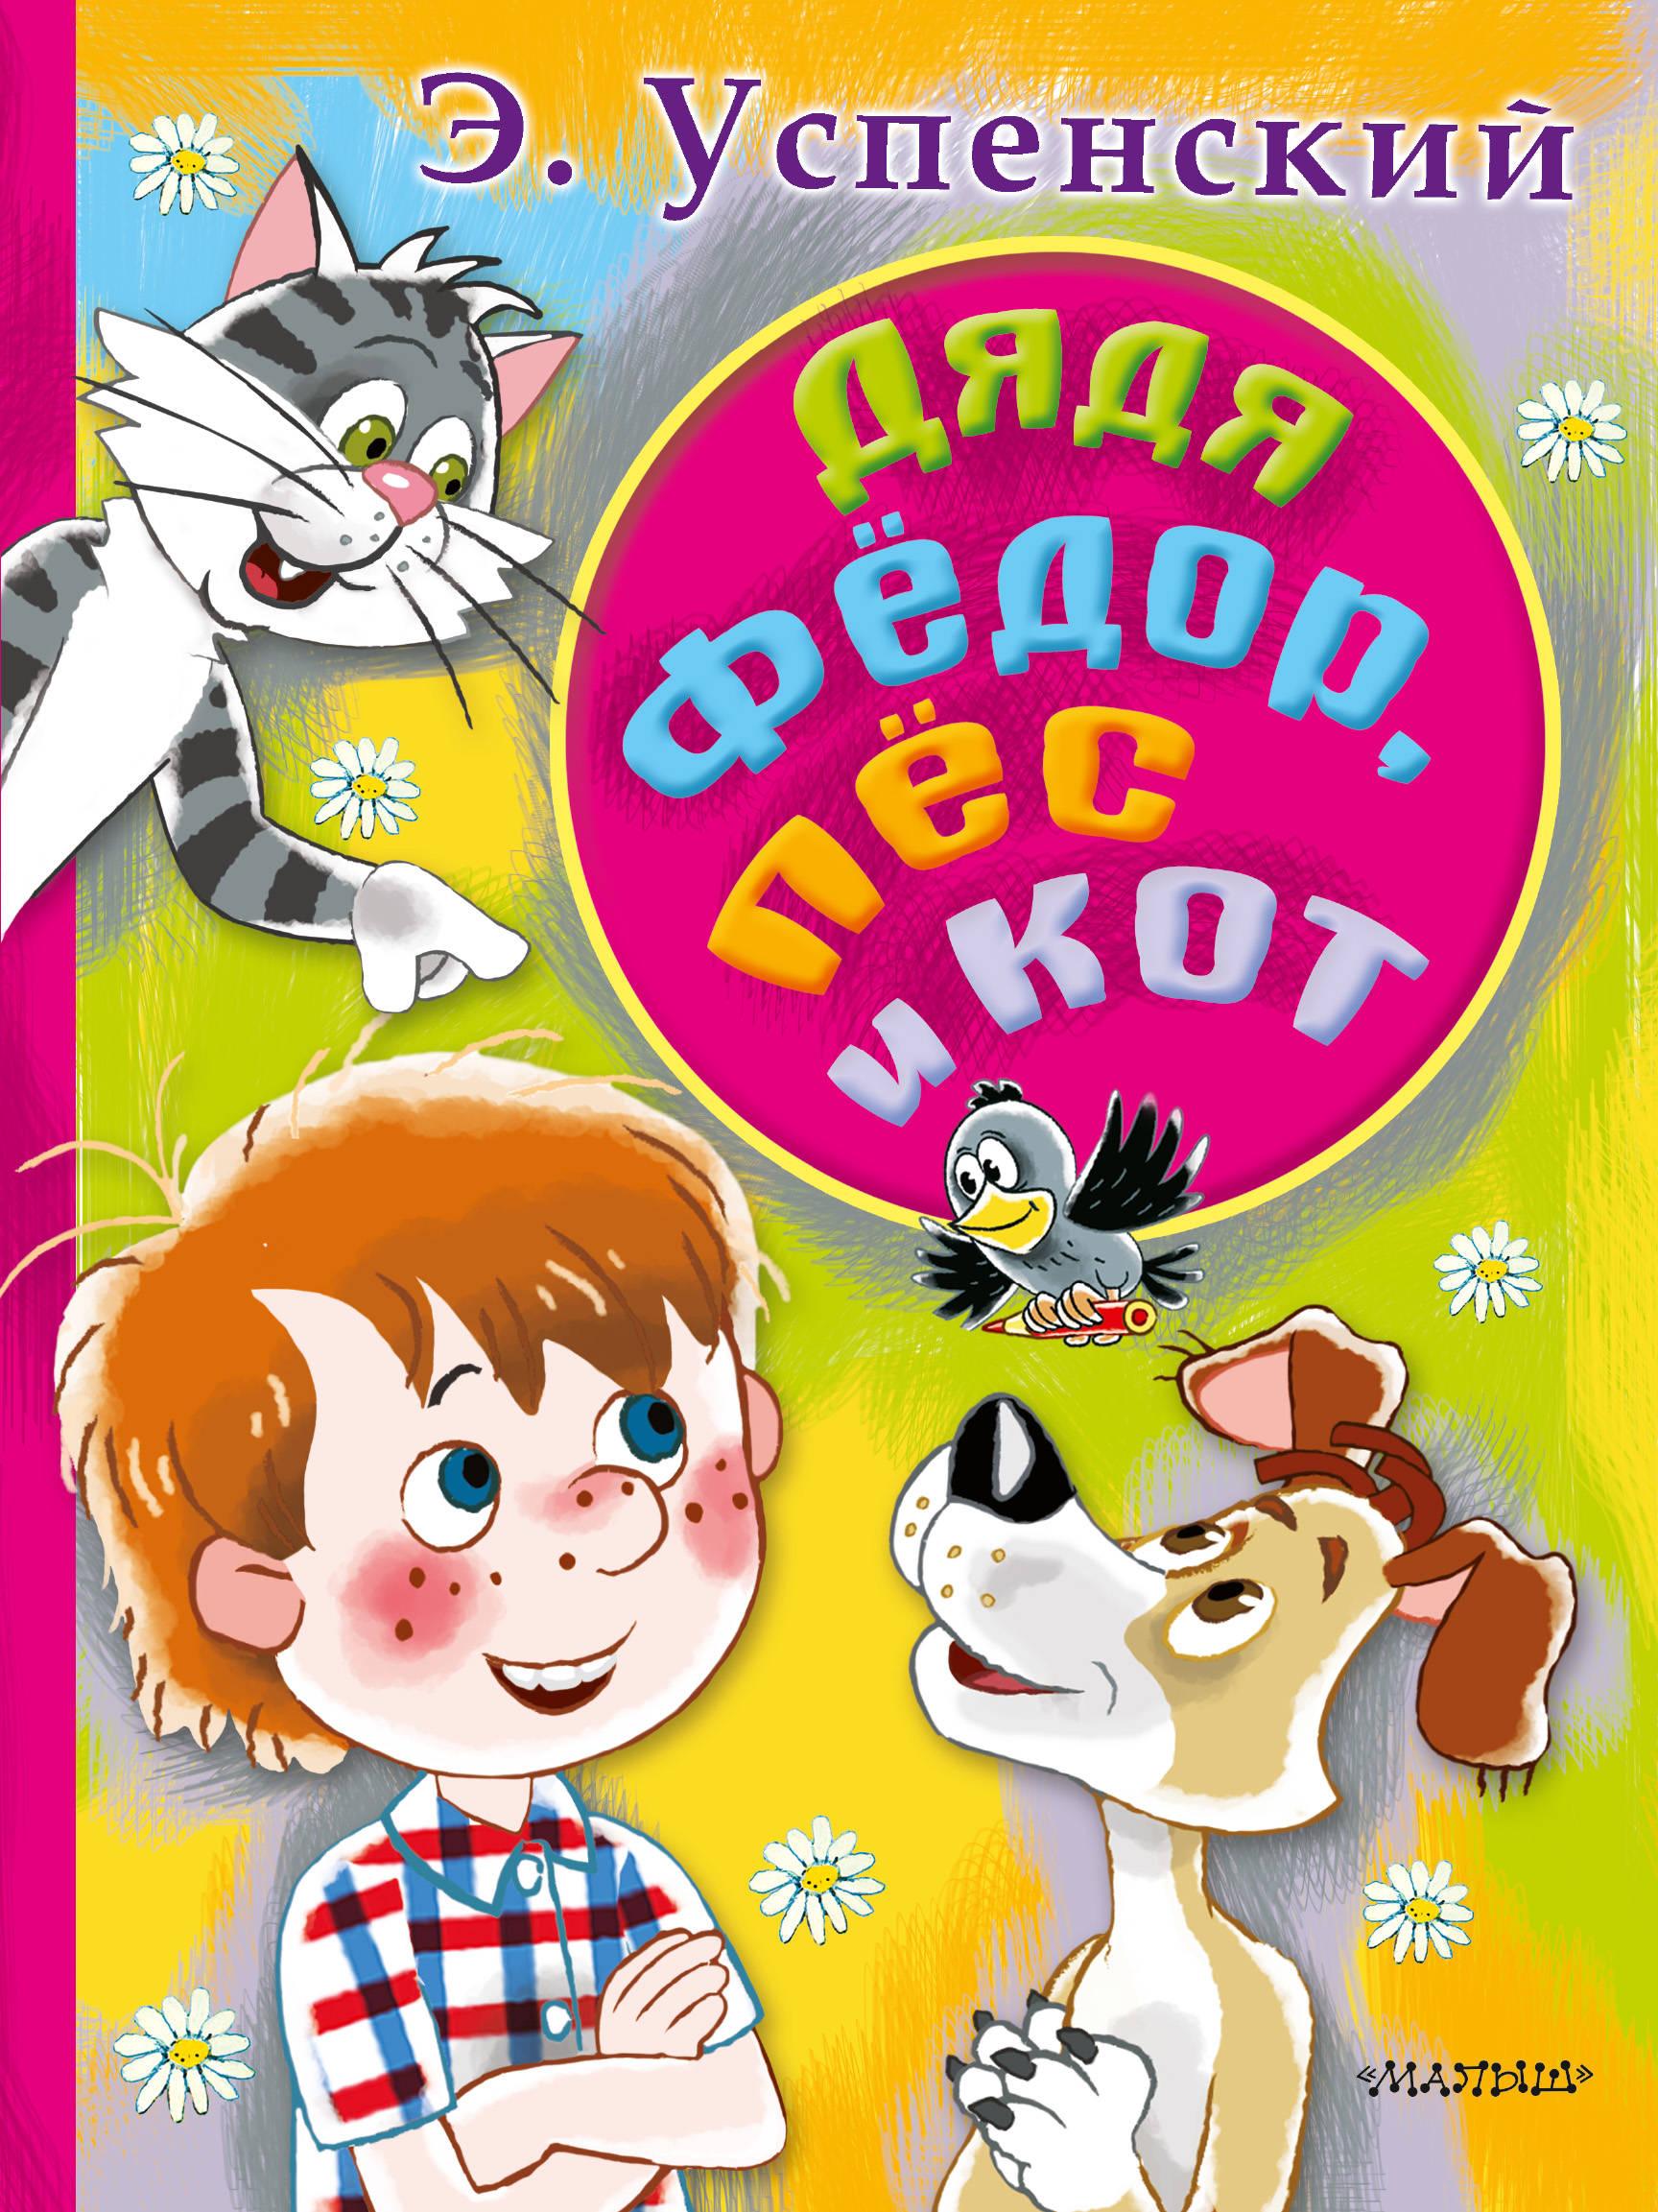 Успенский Э.Н. Дядя Федор, пес и кот